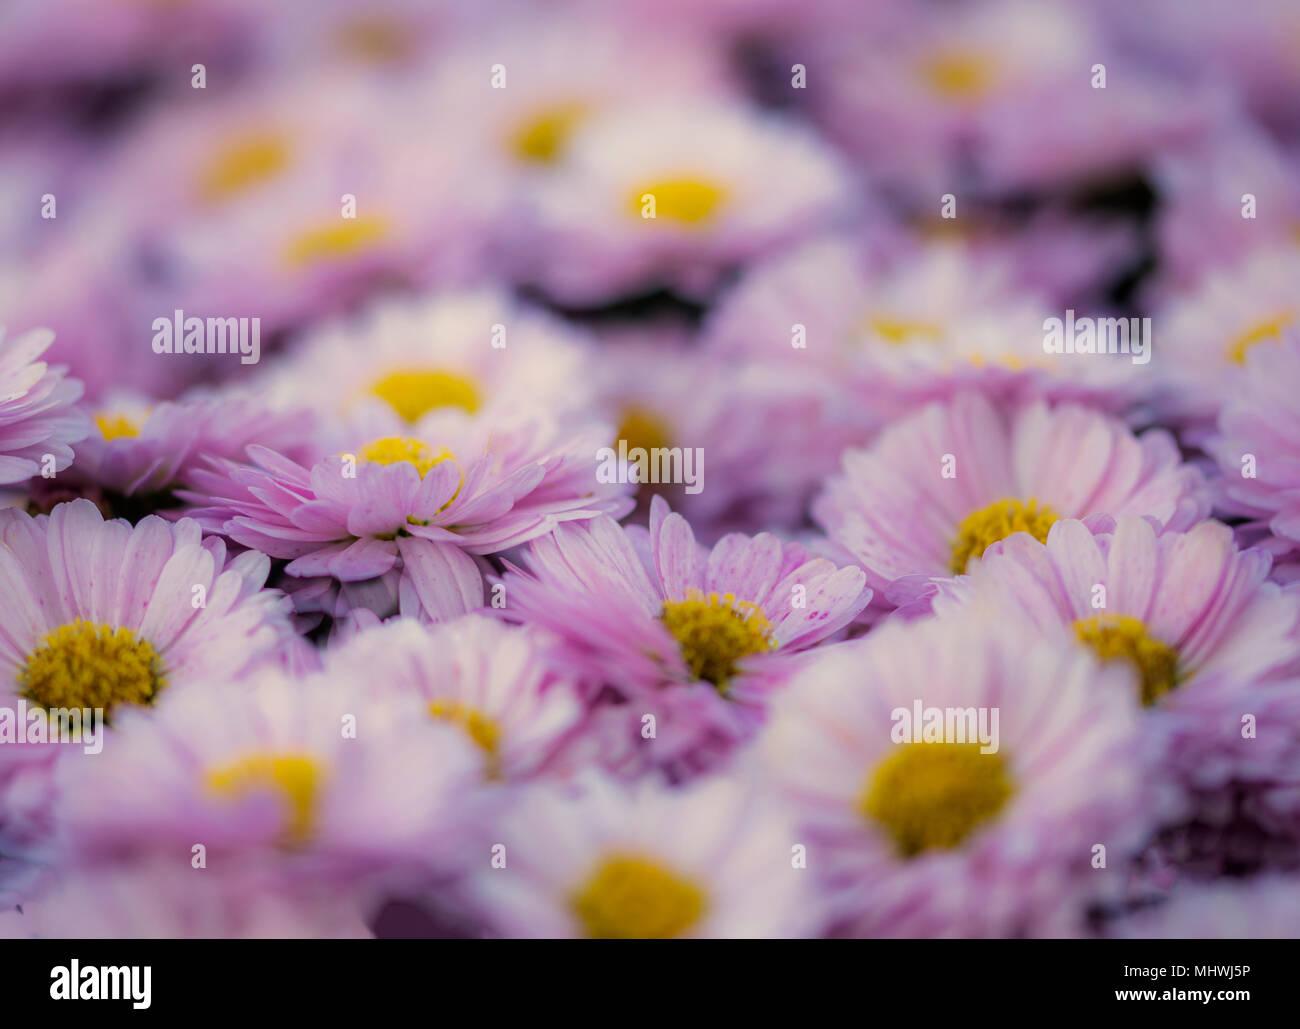 Rosa Daisys mit einer breiten Blende genommen Stockbild